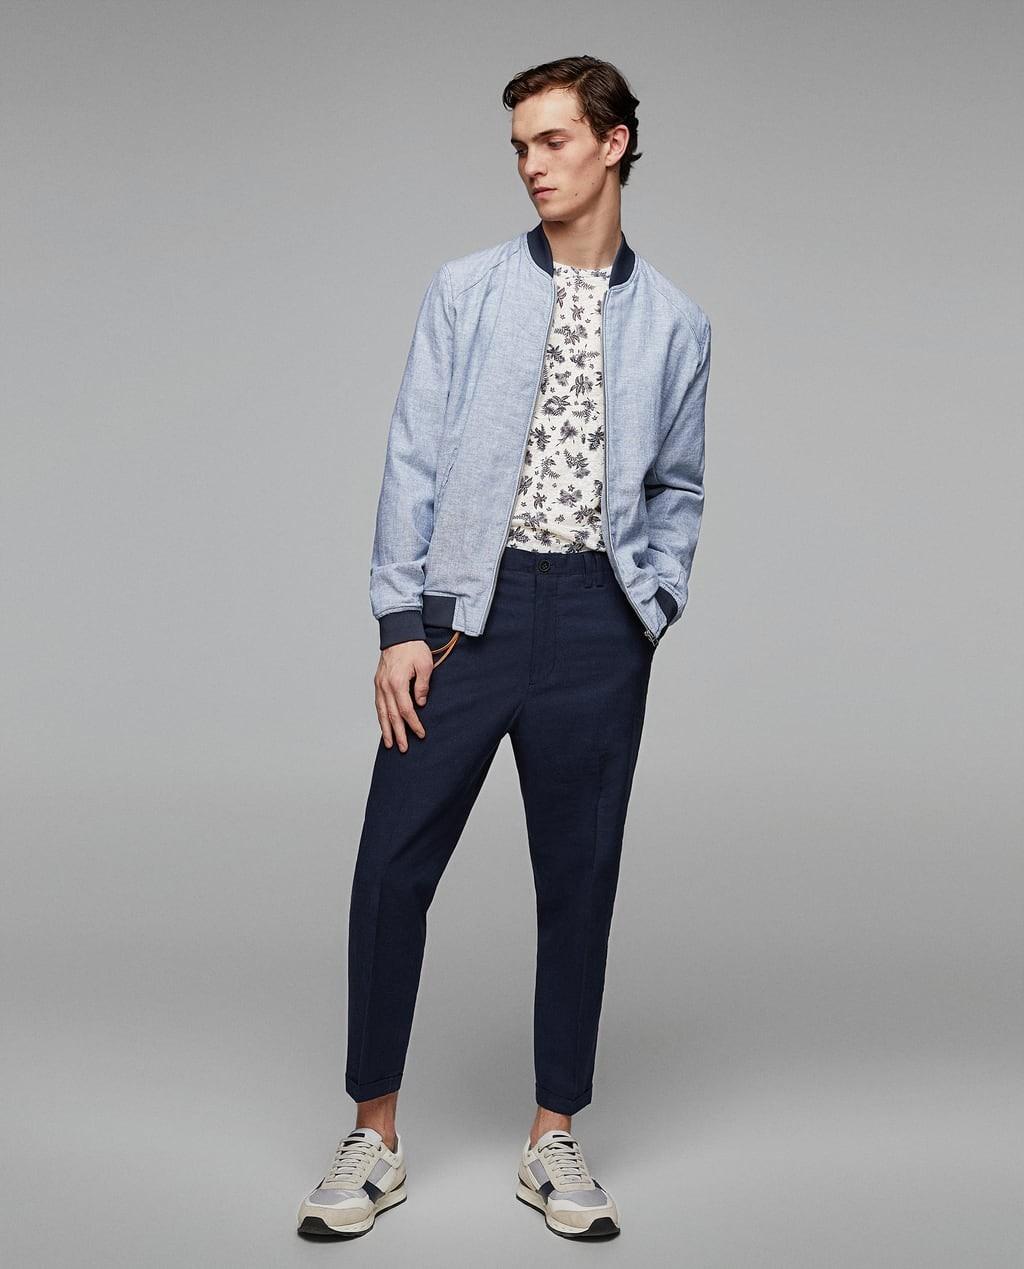 Мода весна лето 2019 основные тенденции для полных новые фото